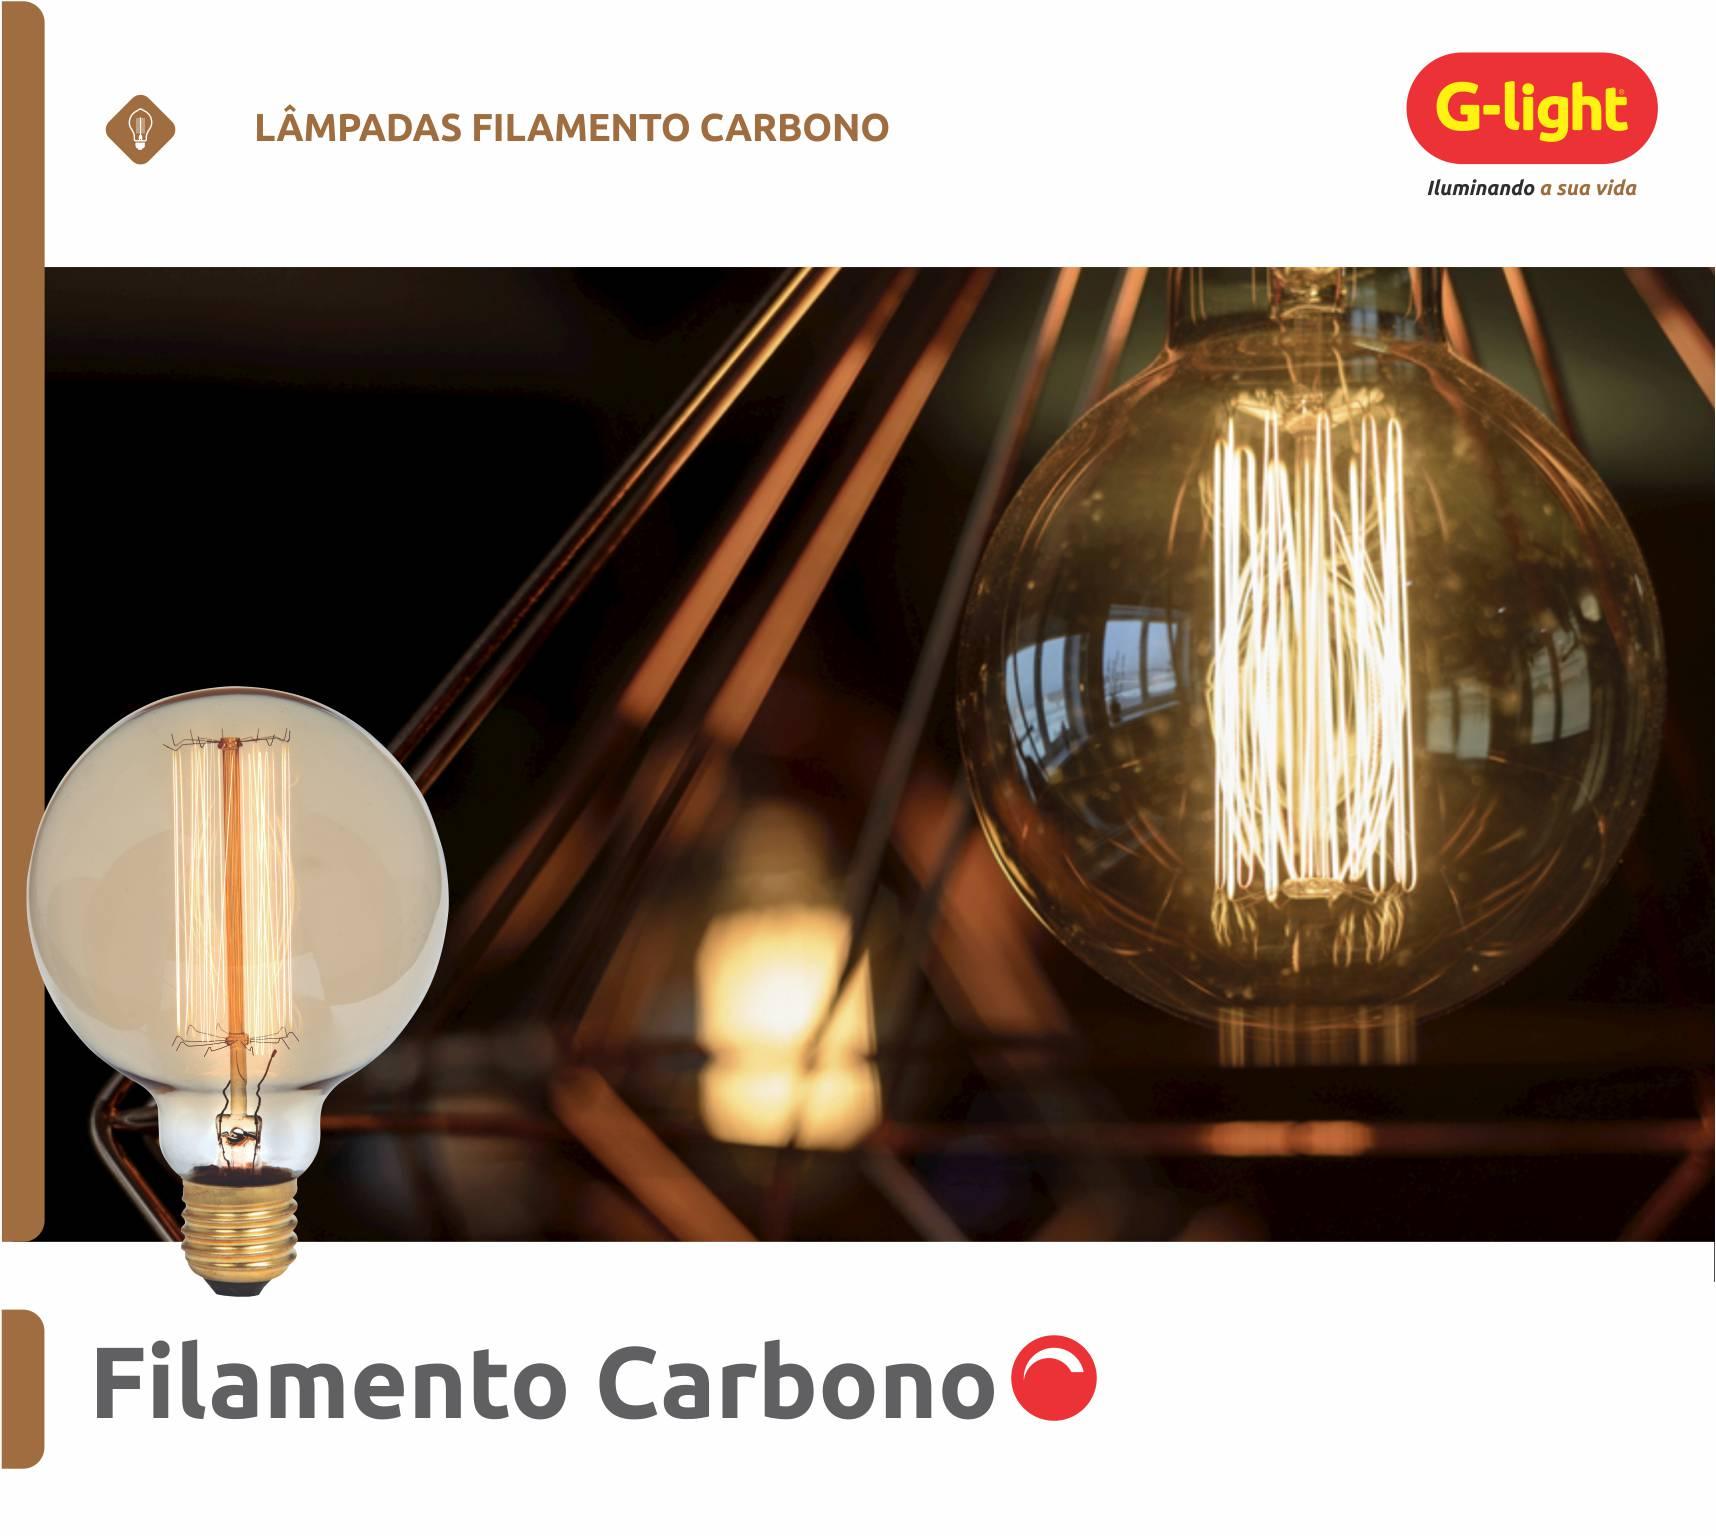 Lâmpadas de Filamento Carbono